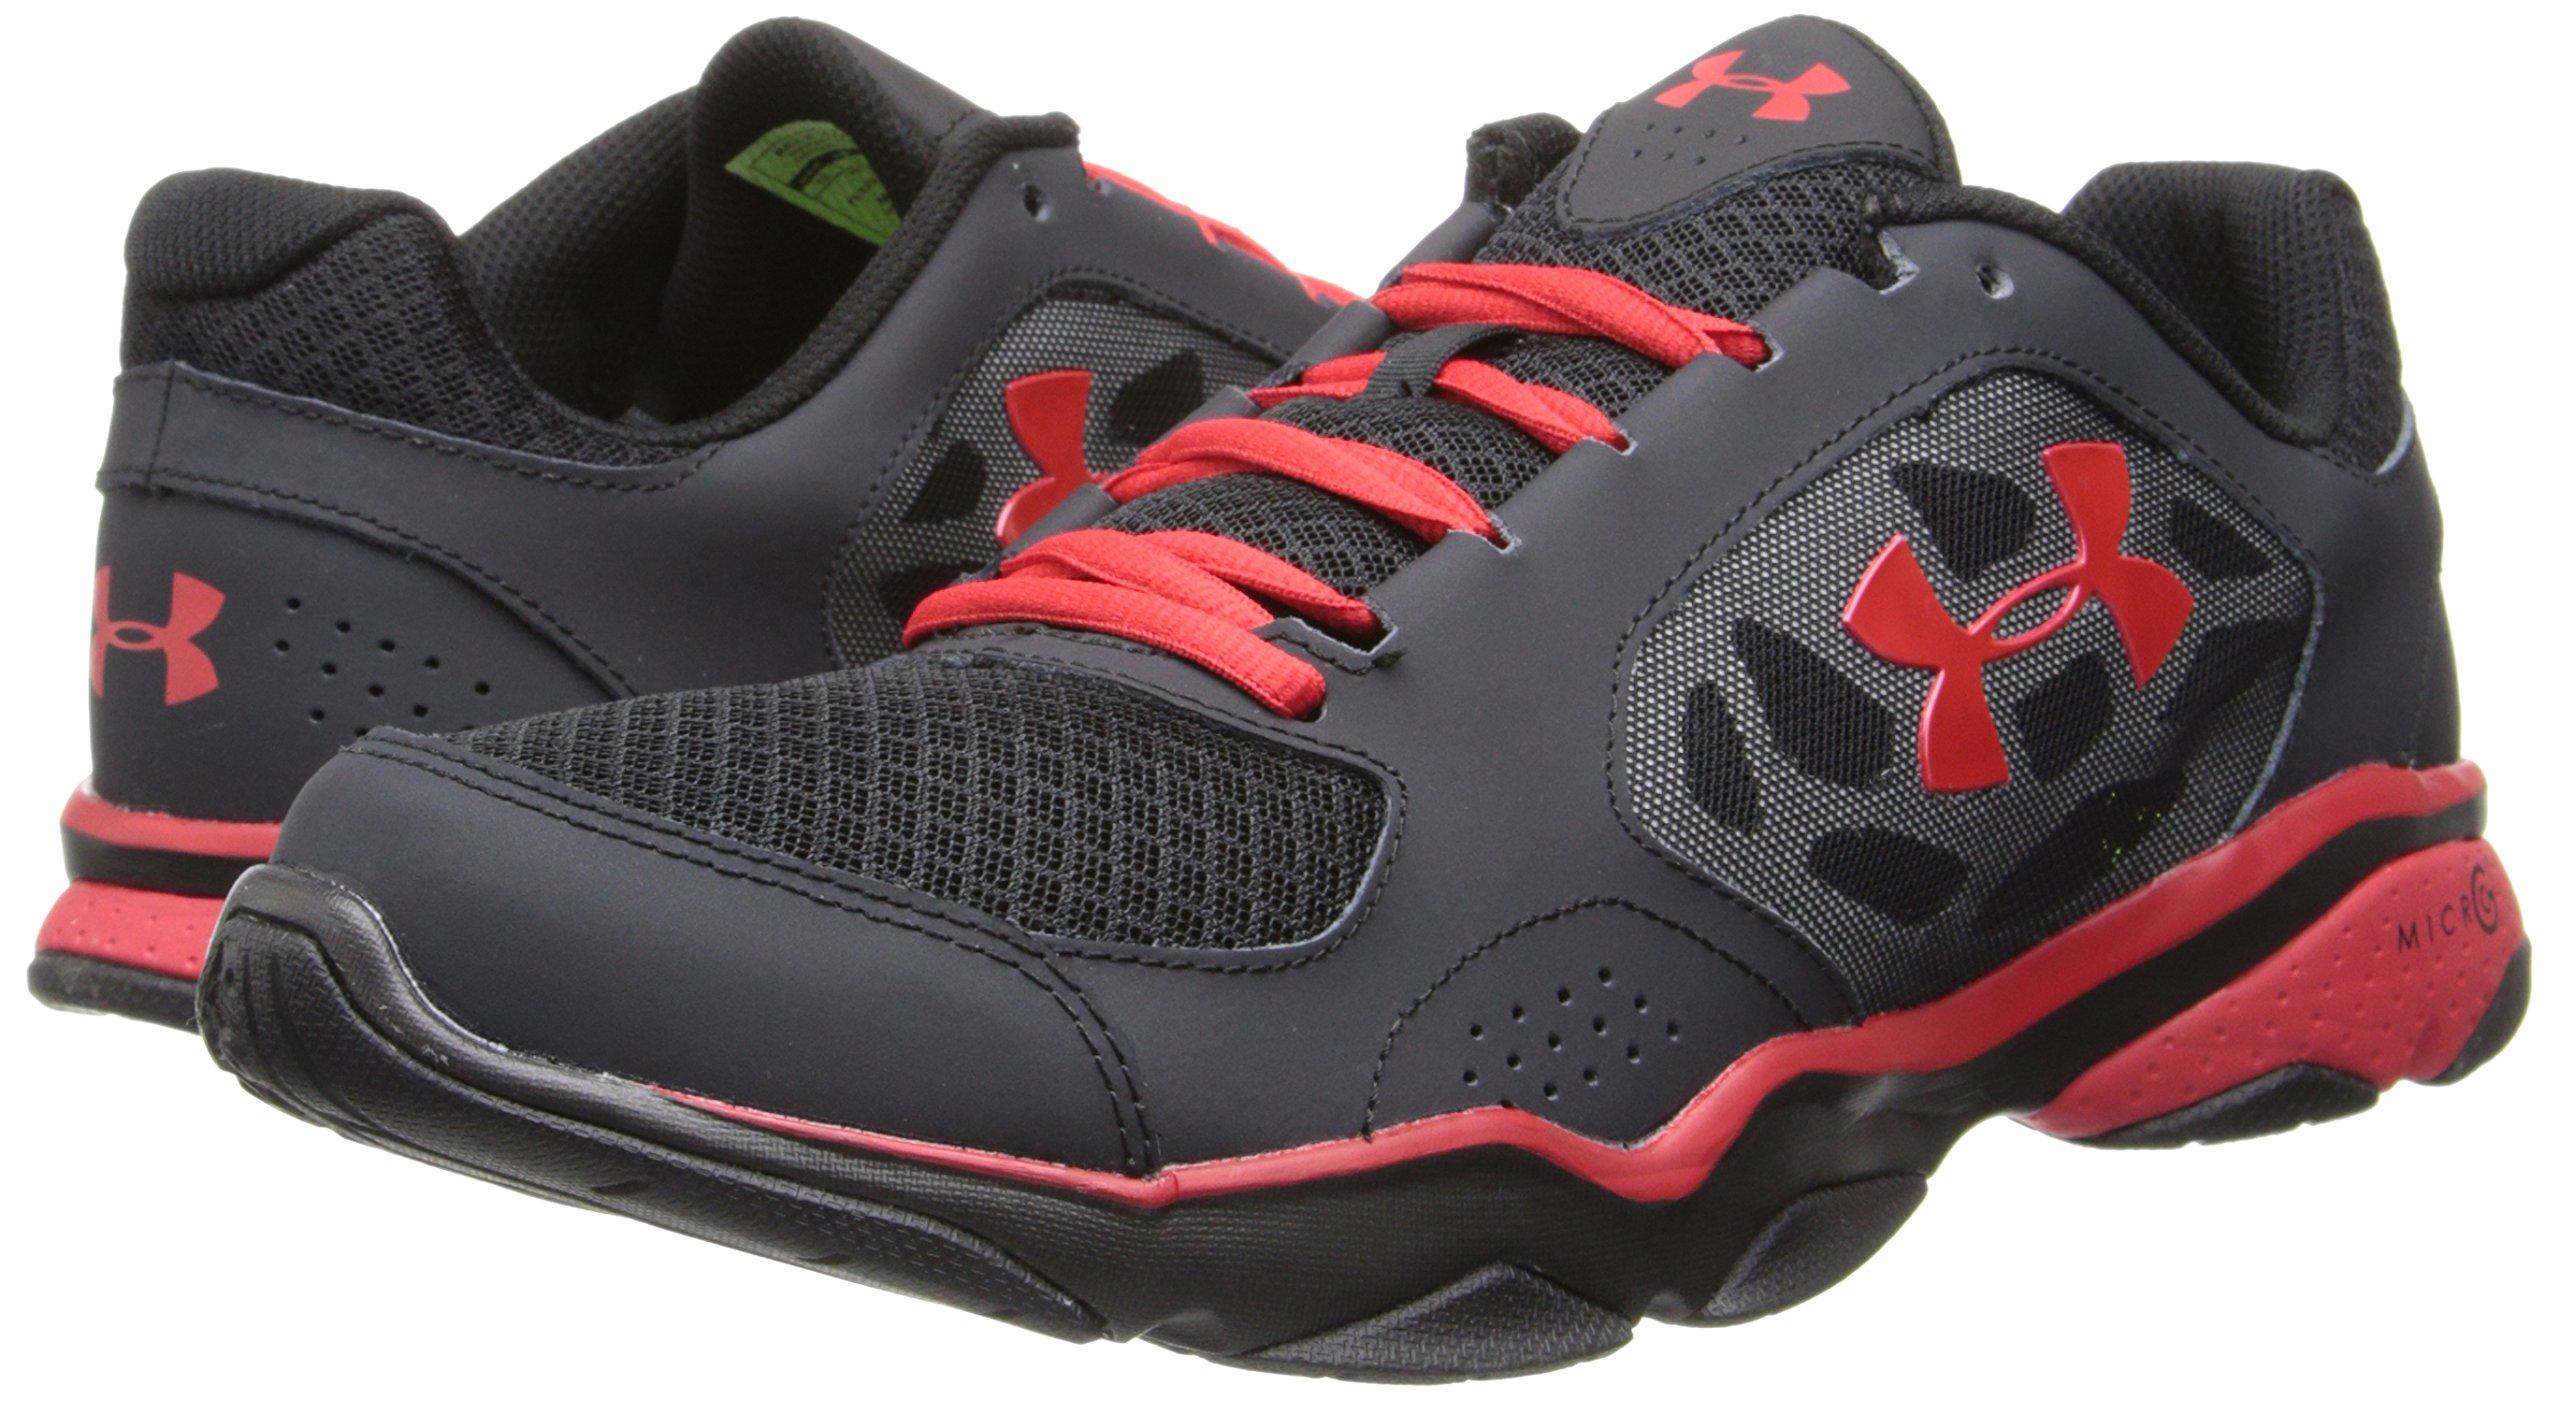 Under Armour Men's Strive IV Shoes